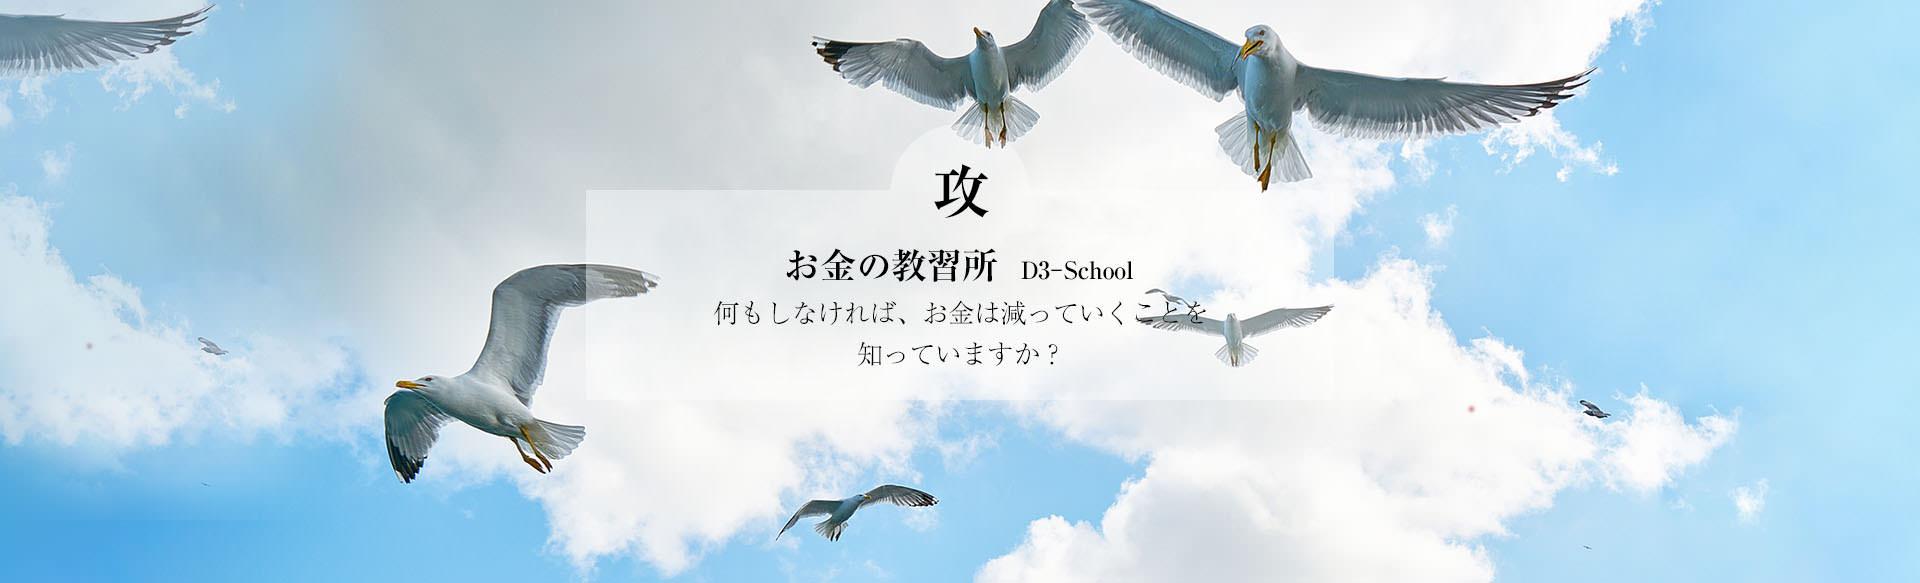 D3-School新大阪校